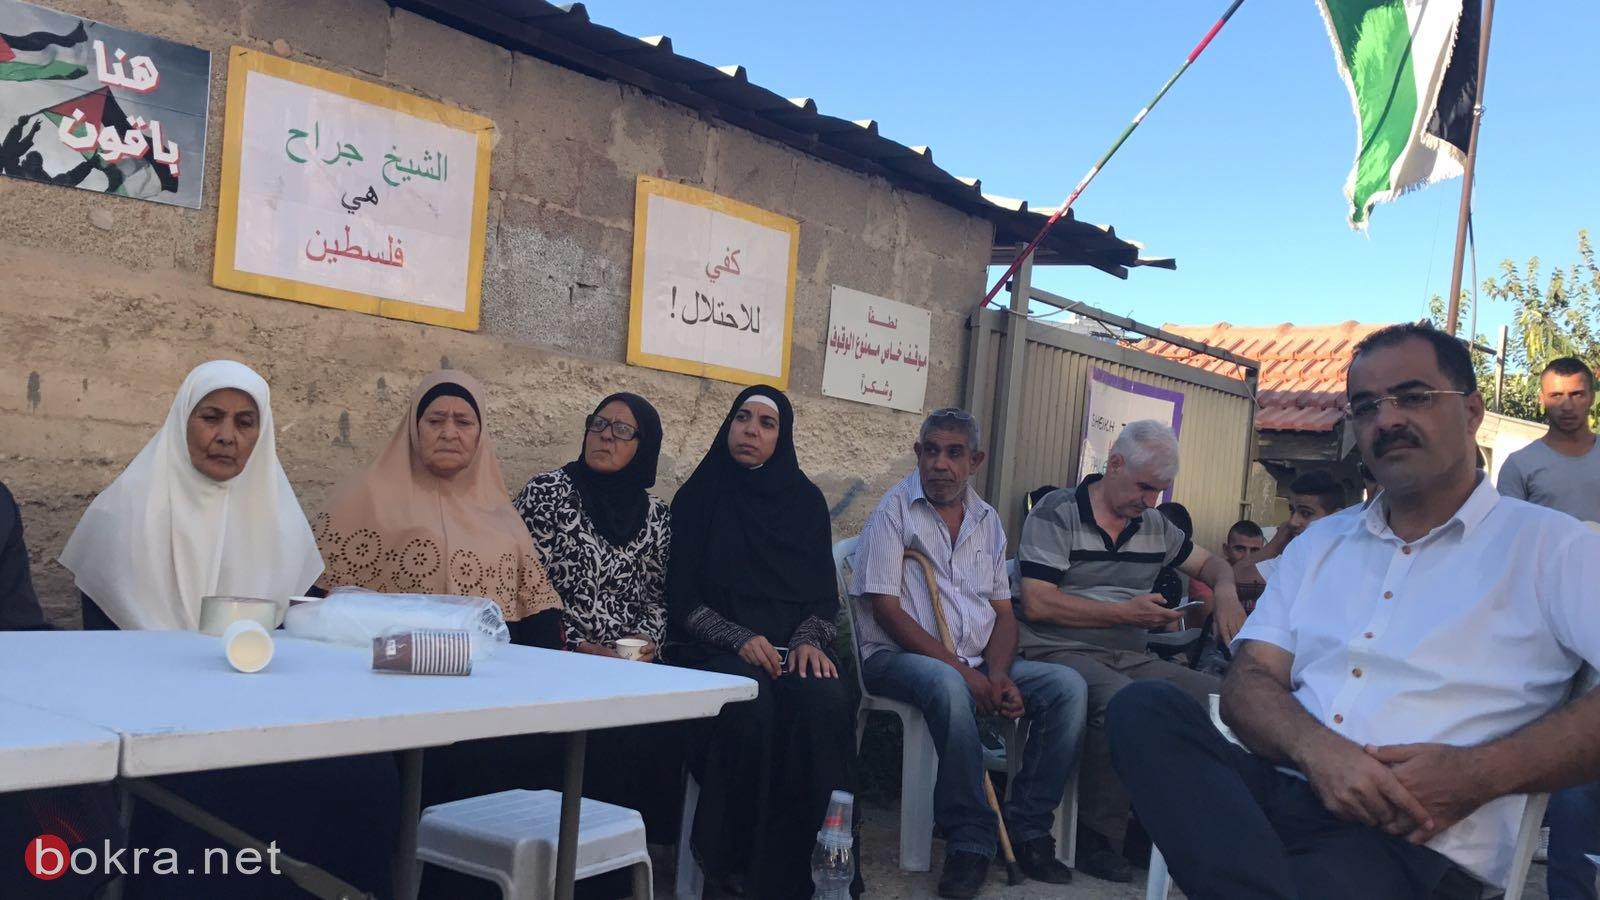 دعوة المقدسيين للتضامن مع عائلة شماسنة ضد اخلاء منزلها